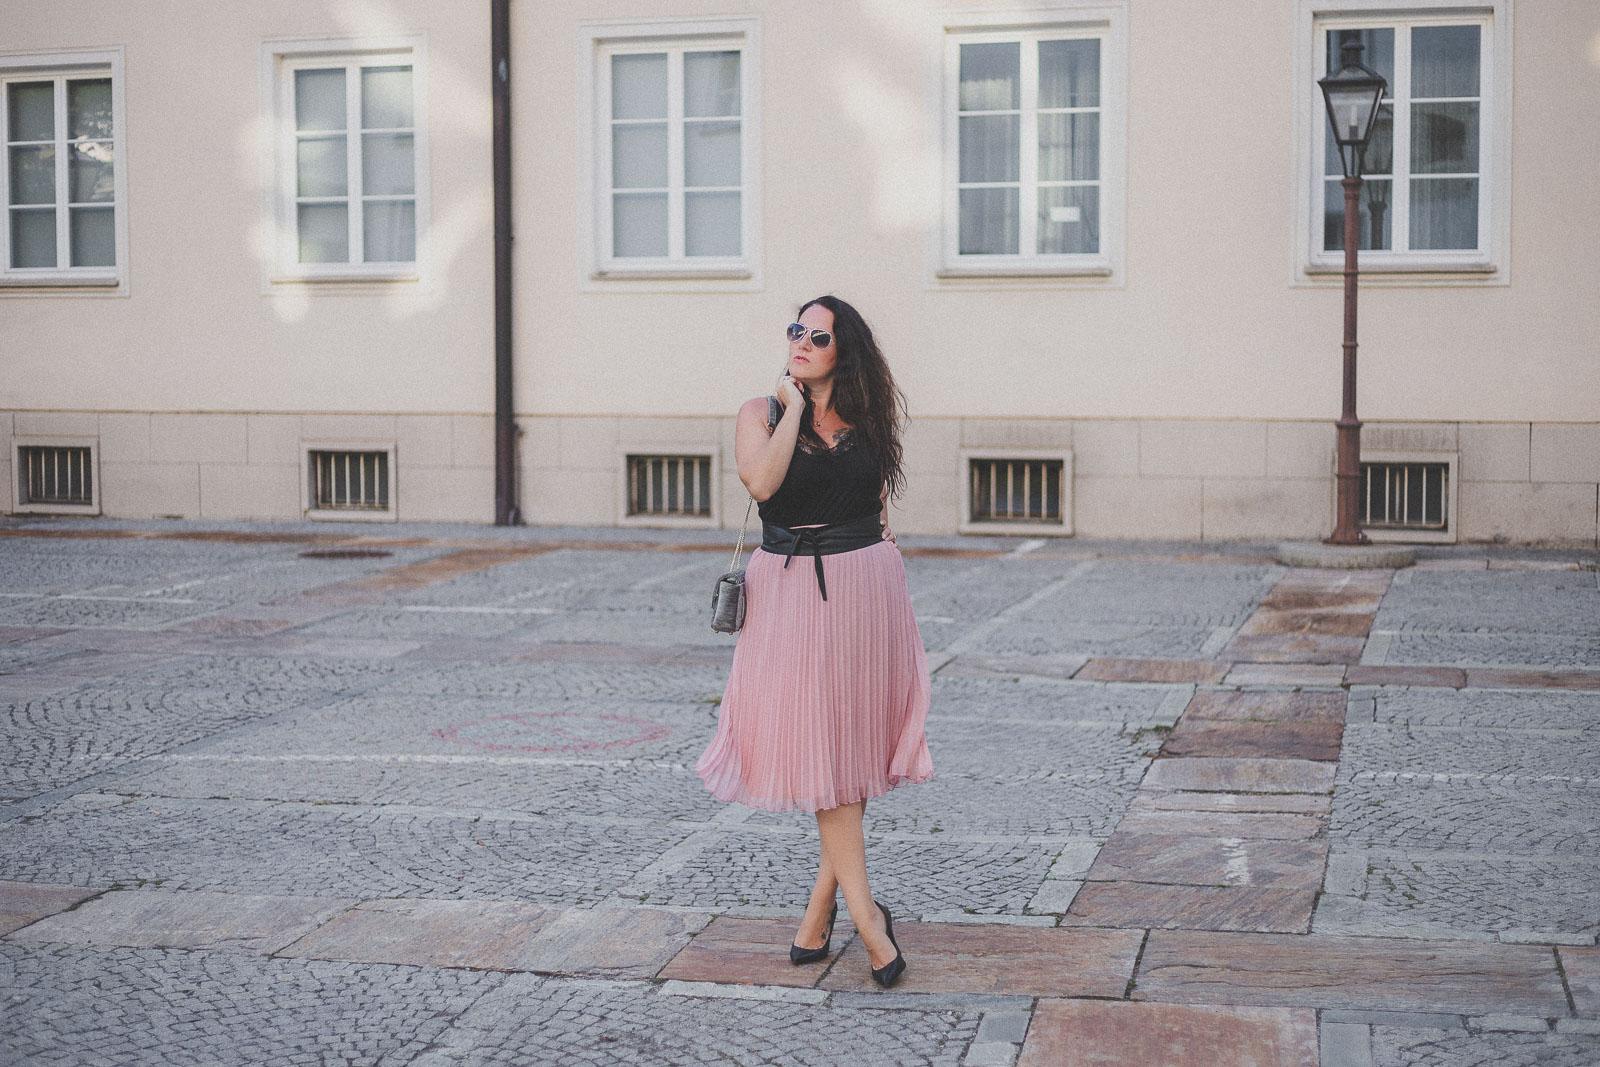 Rosa Plisseerock mit schwarzem Lace-Top und High Heels